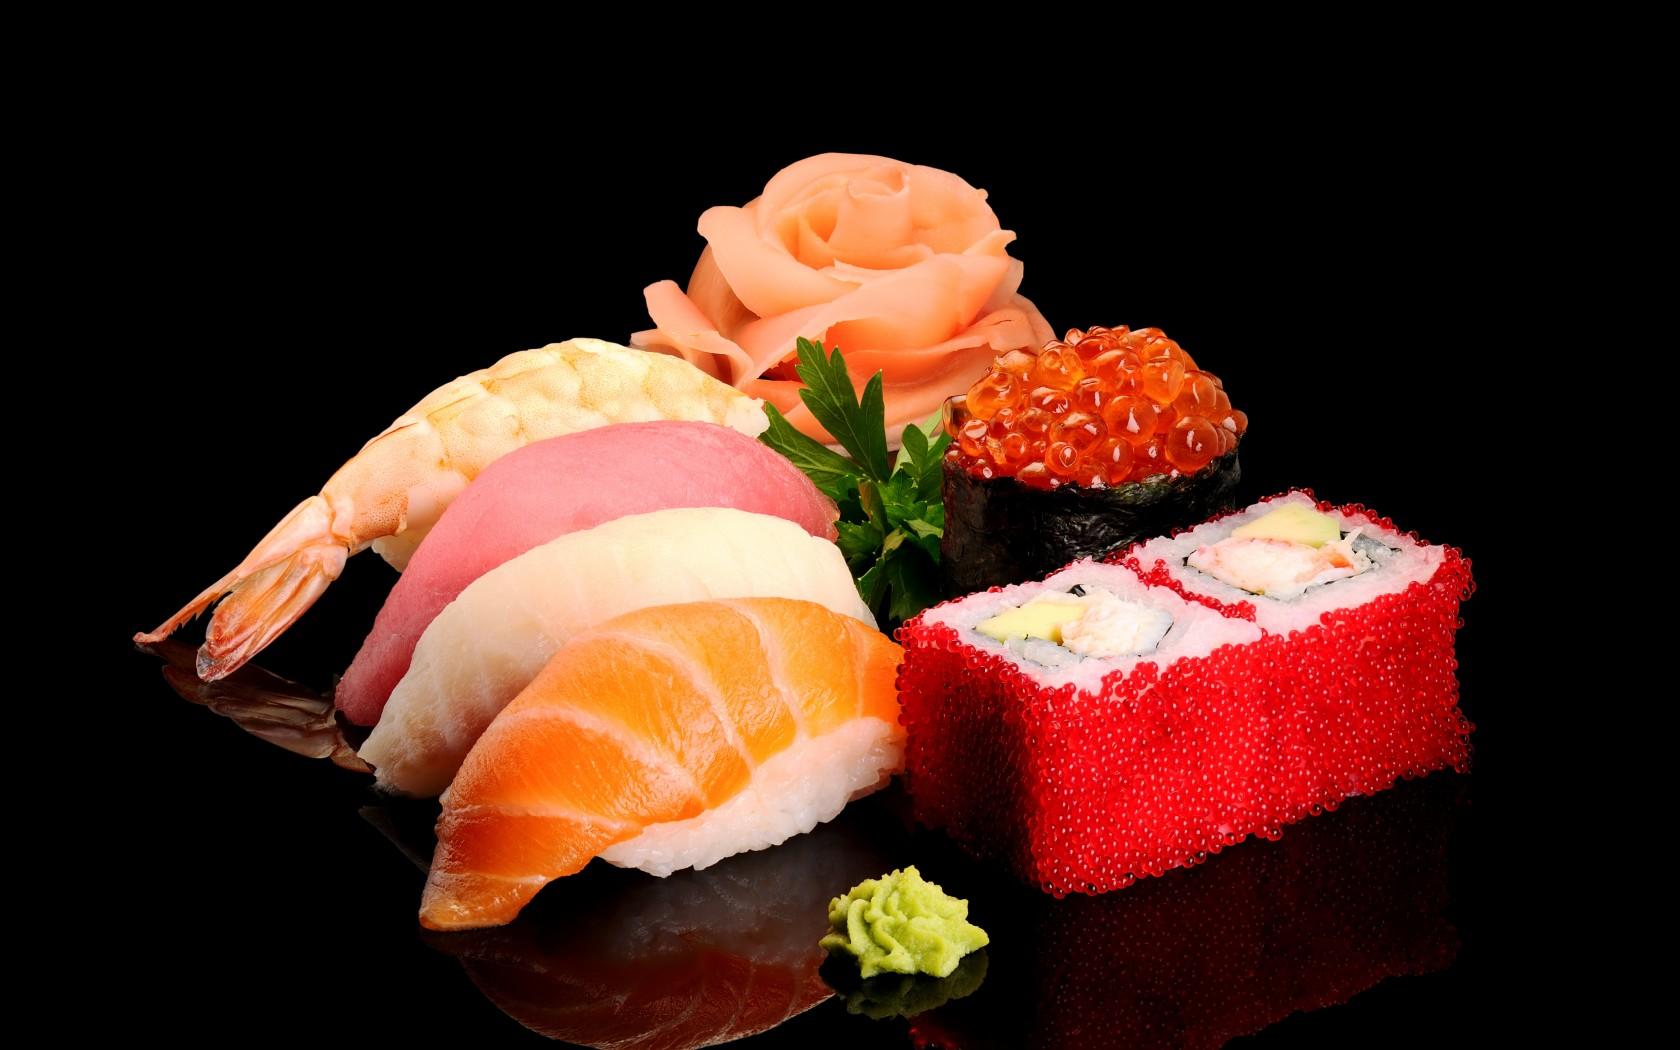 Wasabi Sushi Shop Wrocław Produkty i Akcesoria do Sushi i Kuchni Orientalnej (119)